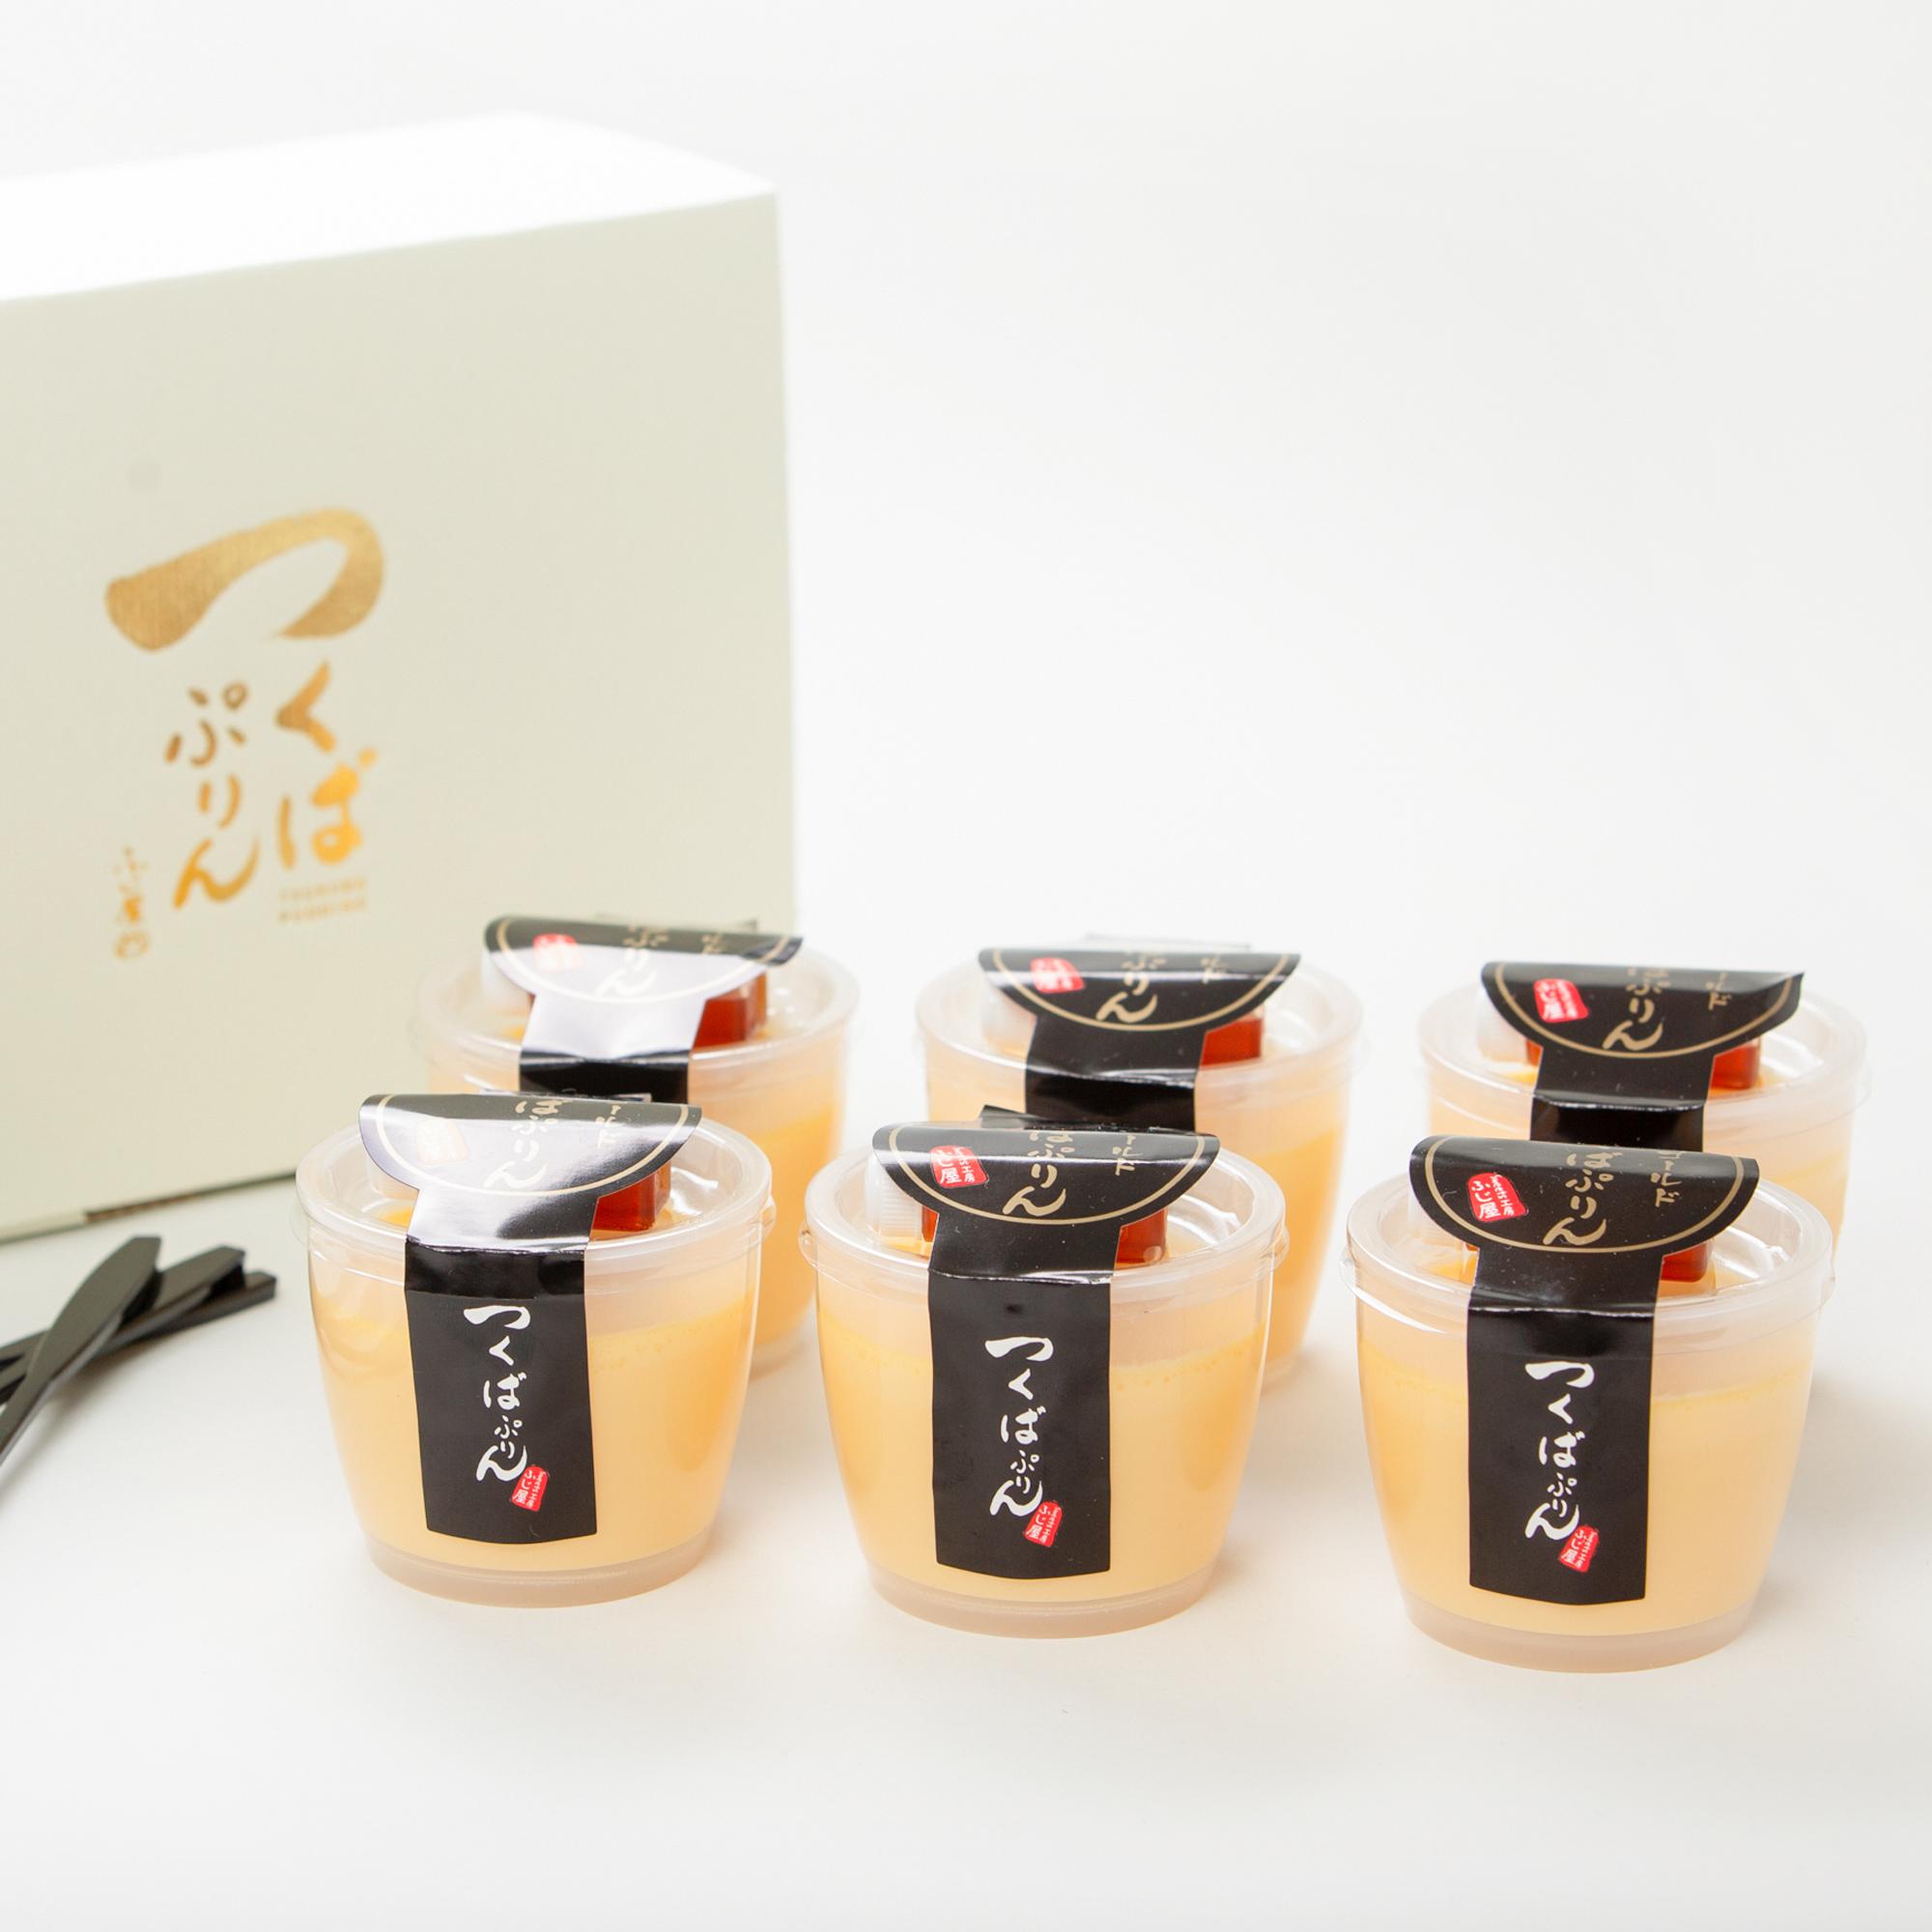 ゴールドぷりん6個入り 茨城県産 奥久慈卵と筑波山麓の濃厚な牛乳で作ったプレーンタイプのゴールドぷりんセット